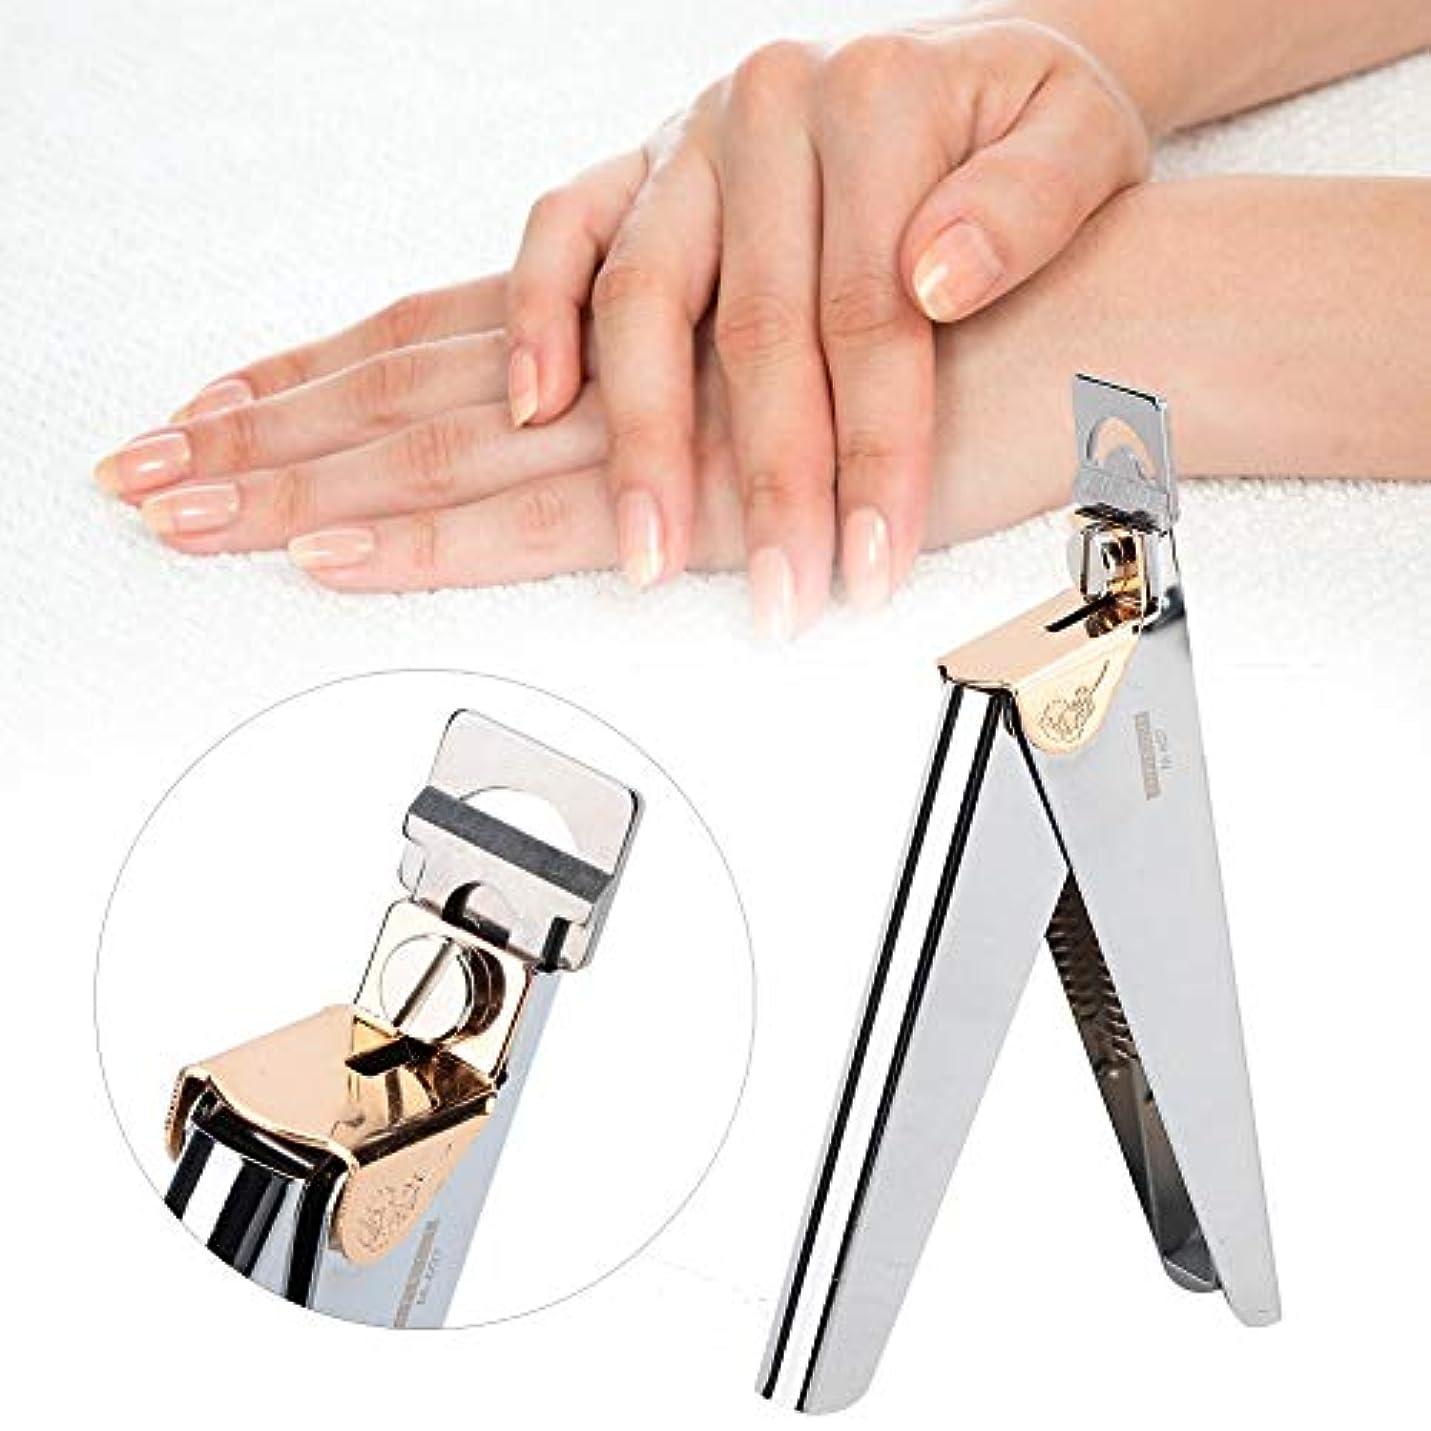 びっくり未満指爪 爪ケア ネイルチップクリッパーカッター フランス式 プロ U字型ネイルアートクリッパーはさみ - マニキュア偽ネイルチップカッター - ステンレス鋼